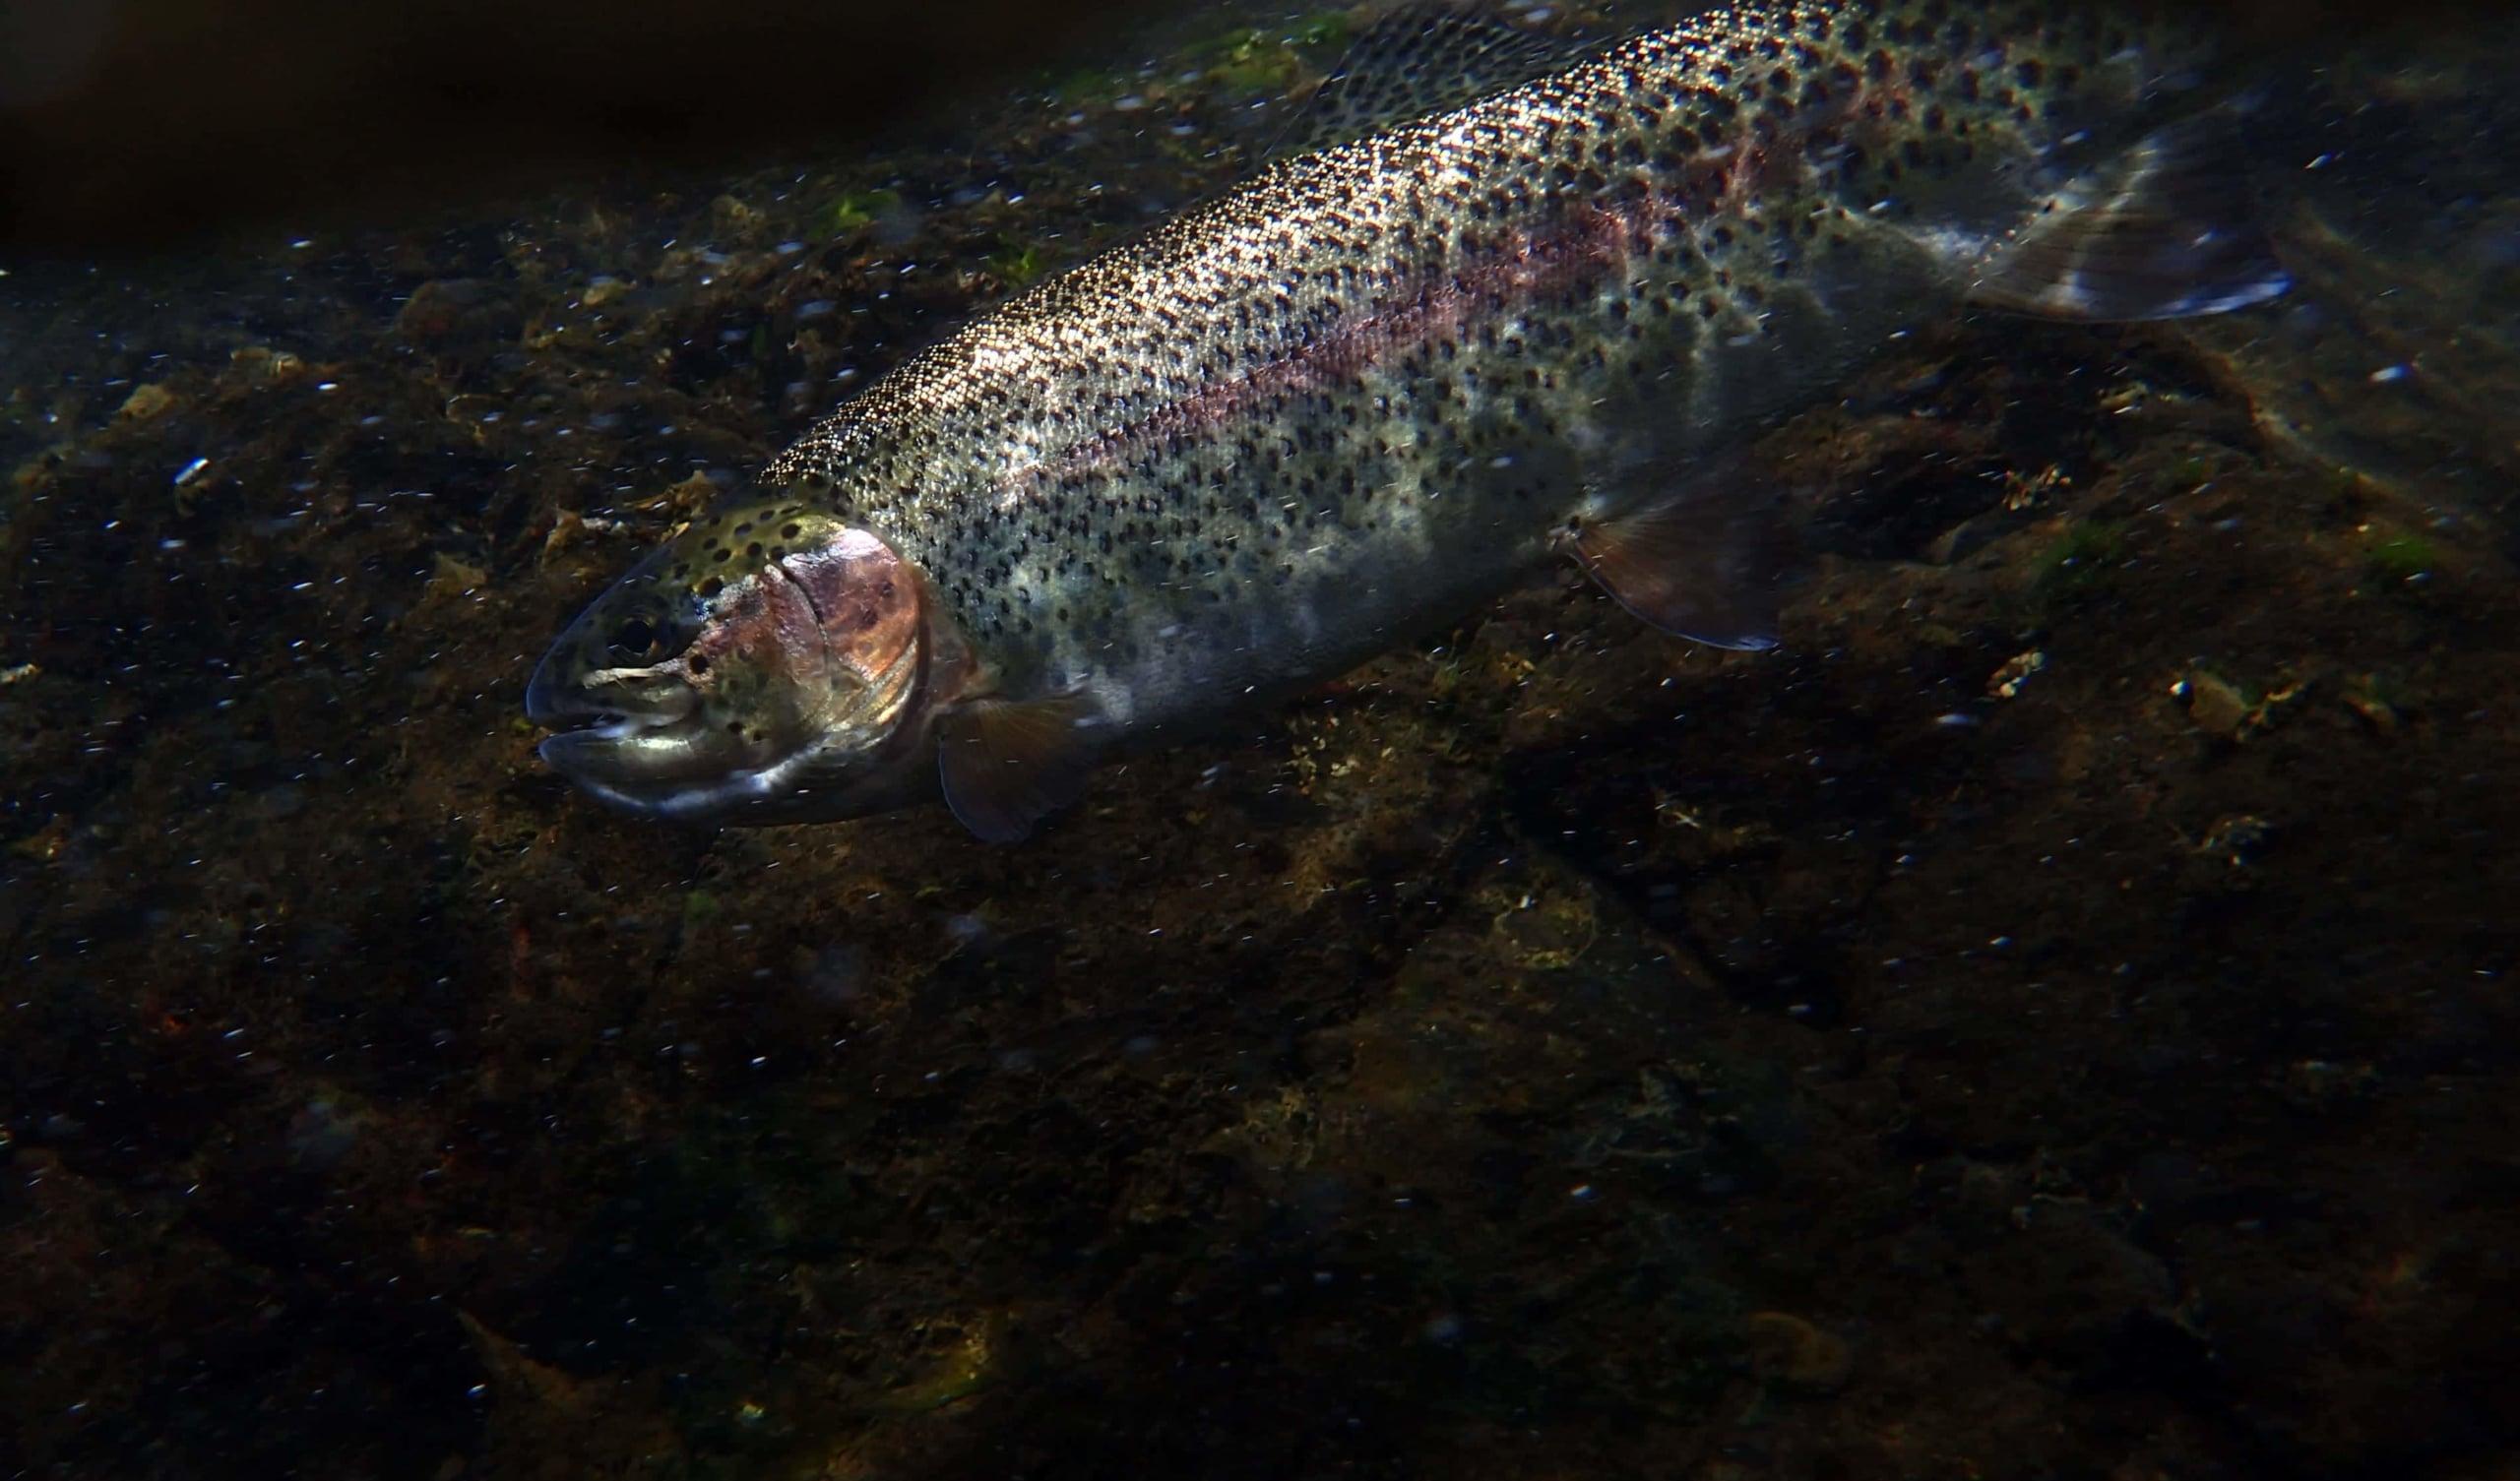 五ヶ瀬川ニジマス釣り